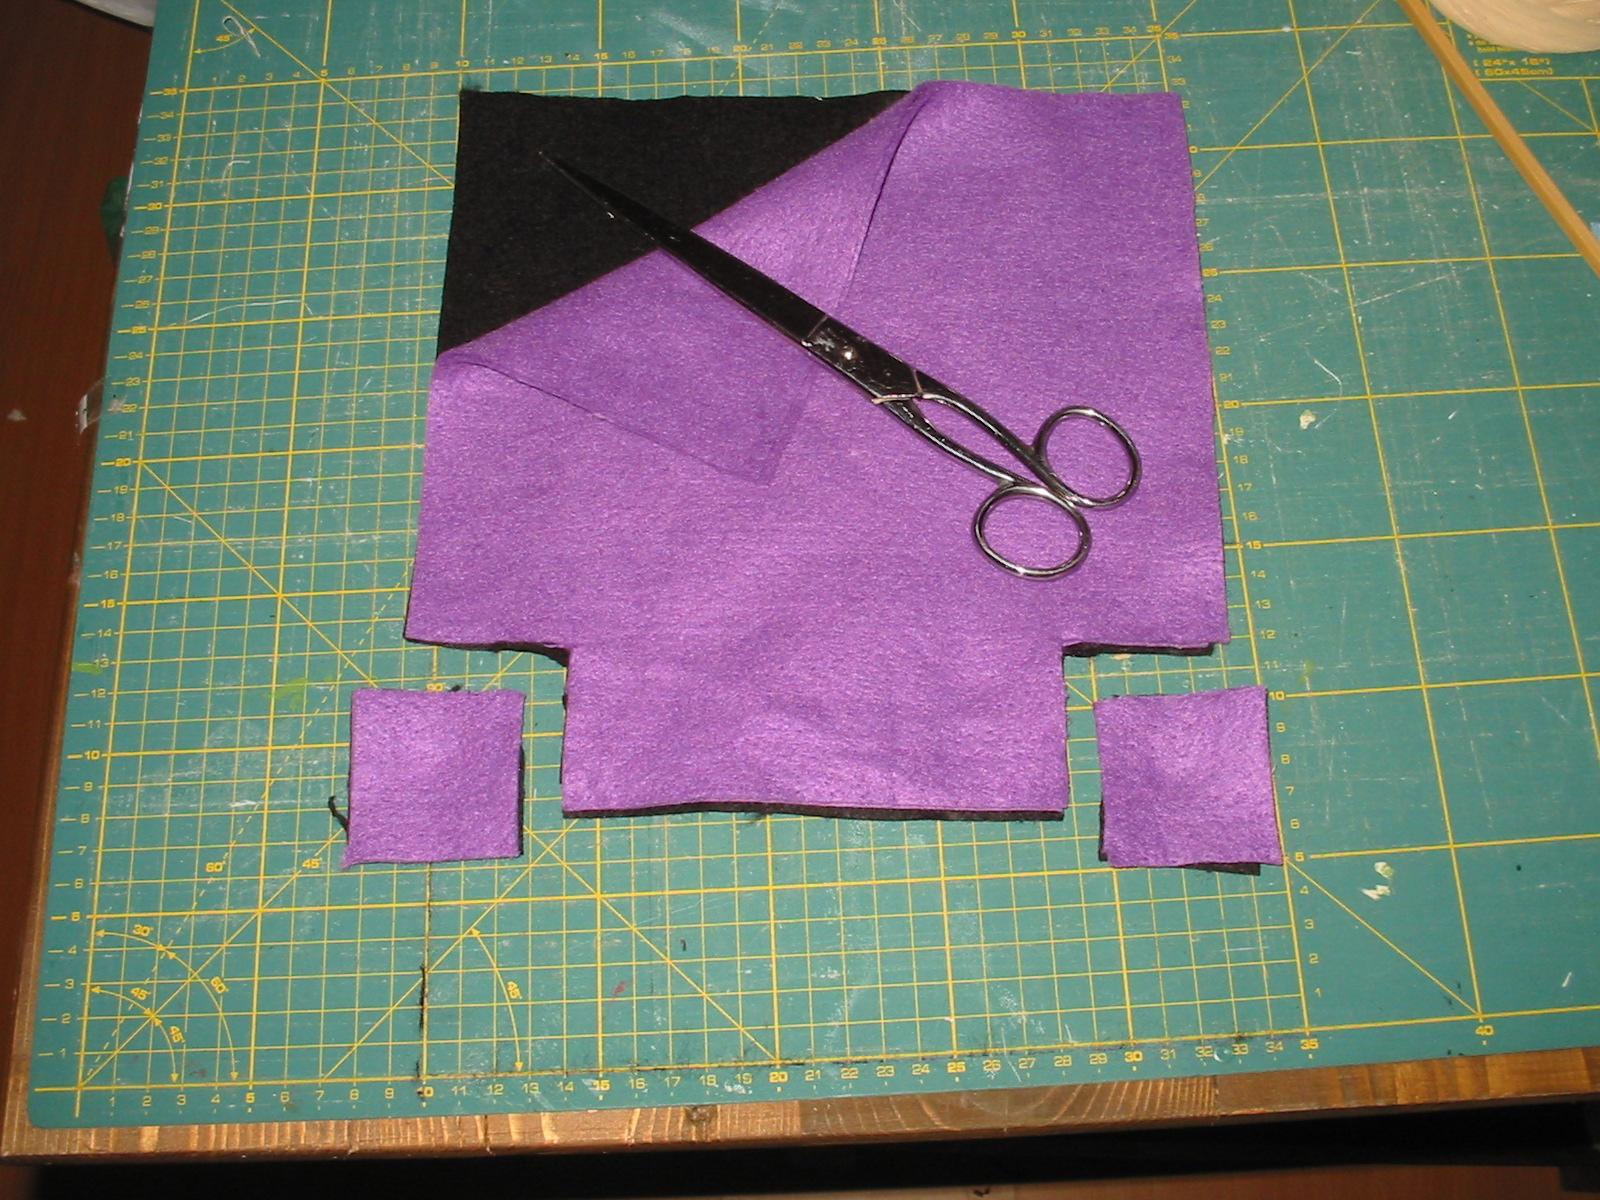 abbastanza Cucito Creativo: come creare un cestino per Halloween, istruzioni  XN74